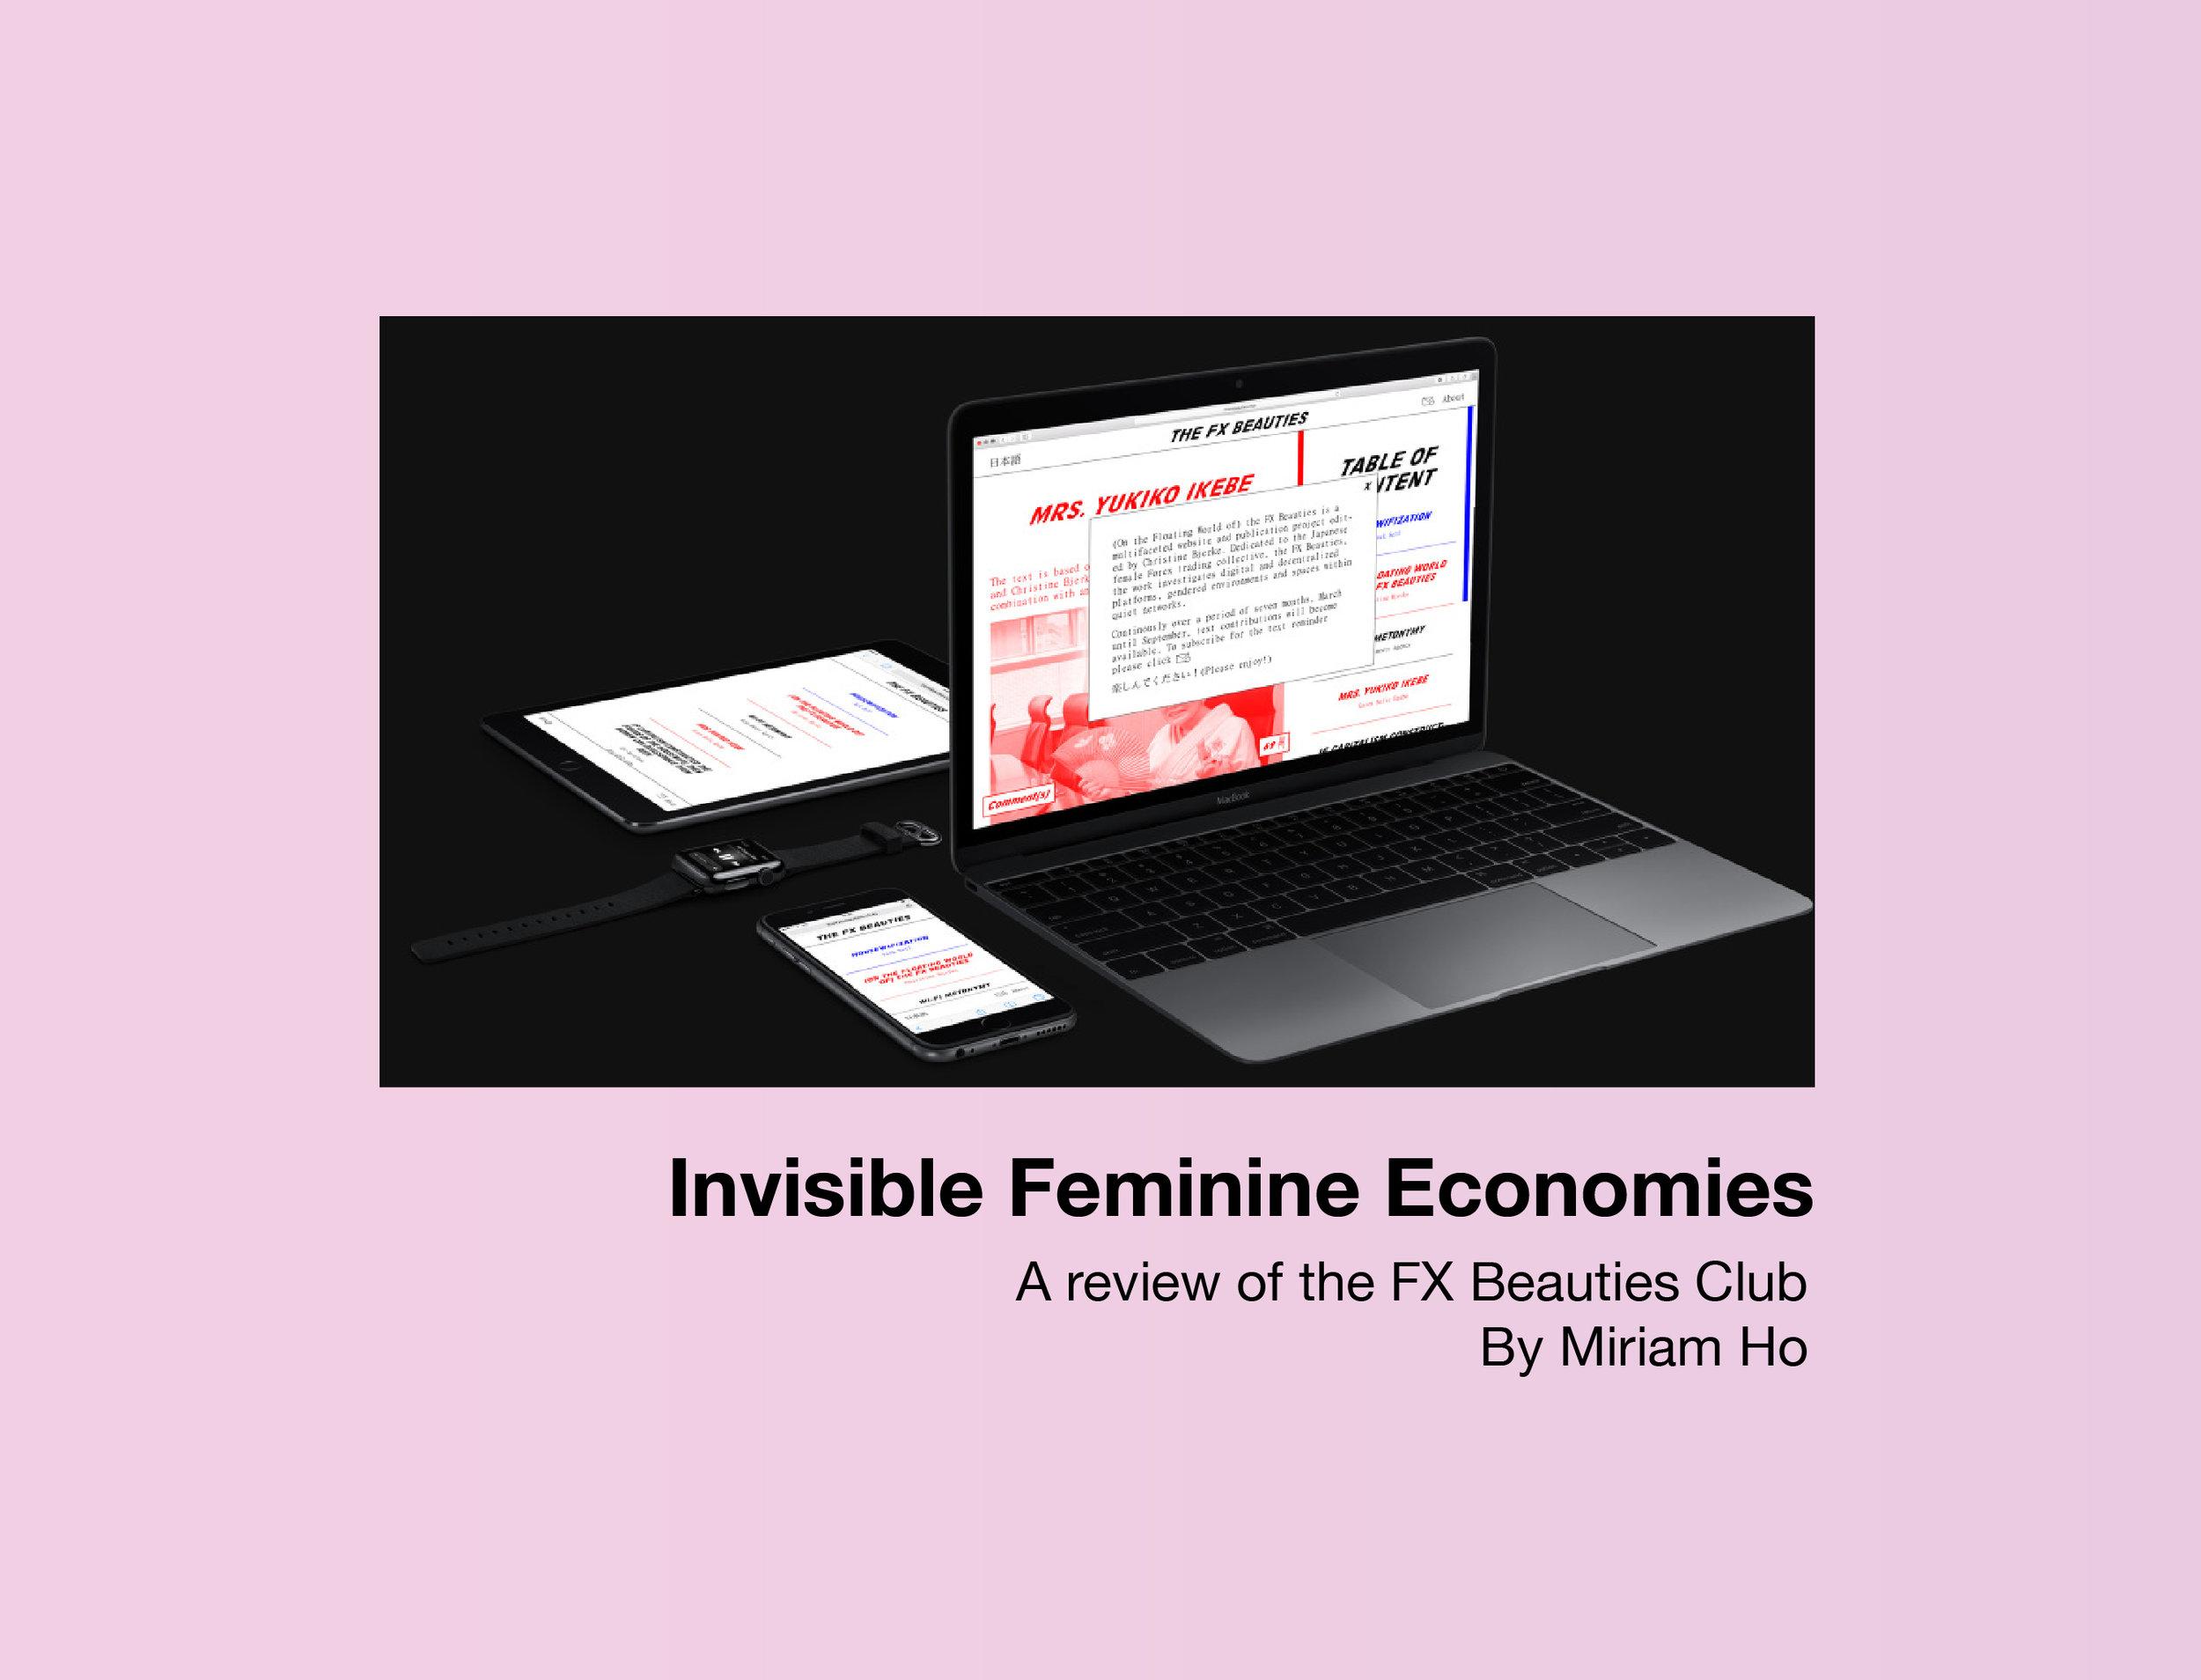 Invisible Feminine Economies